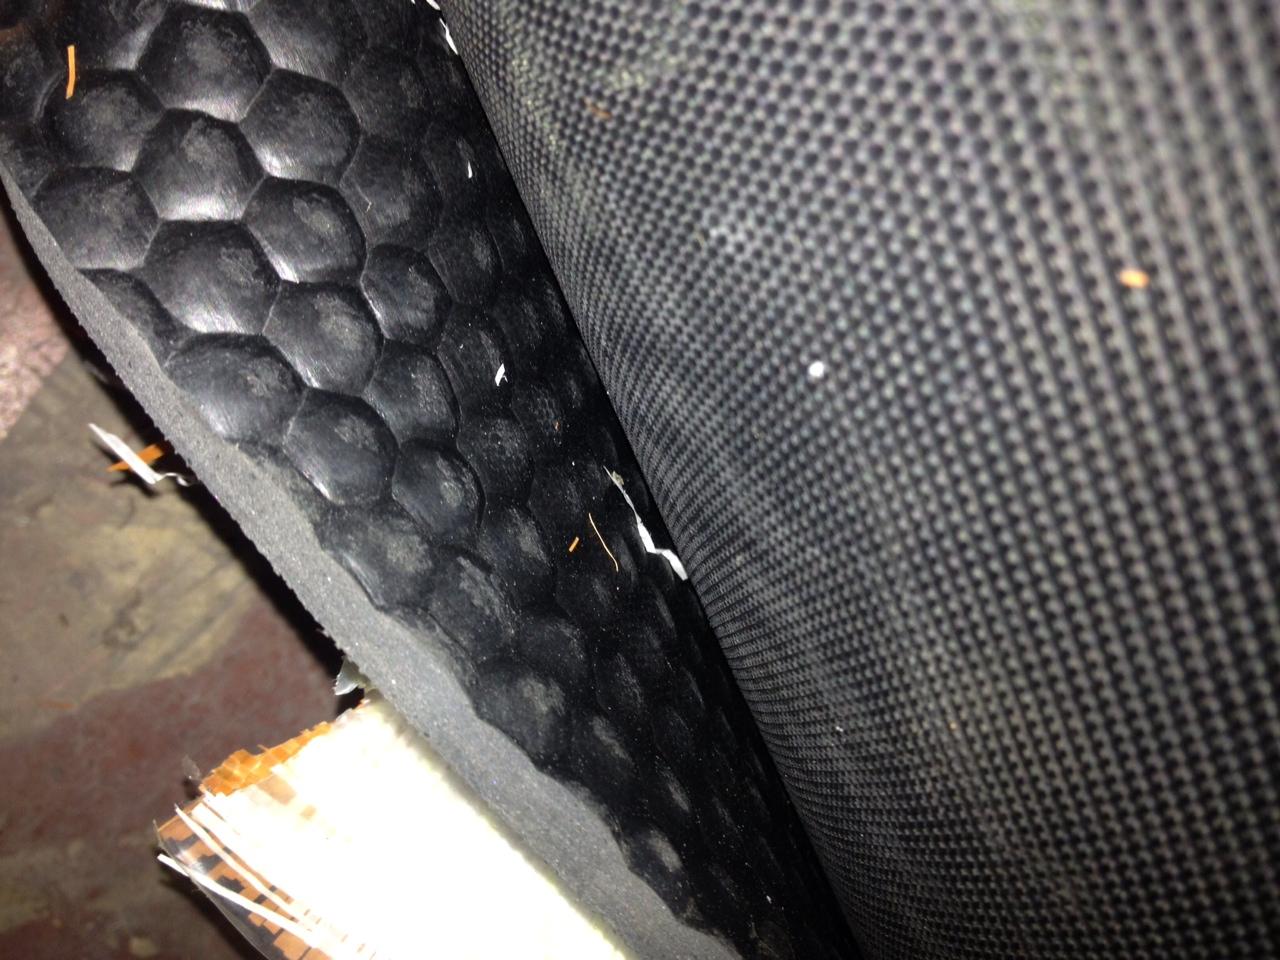 Lastra gomma tappeto per rampe carrelli trasporto cavalli 6.5mm - Vendita Ferramenta